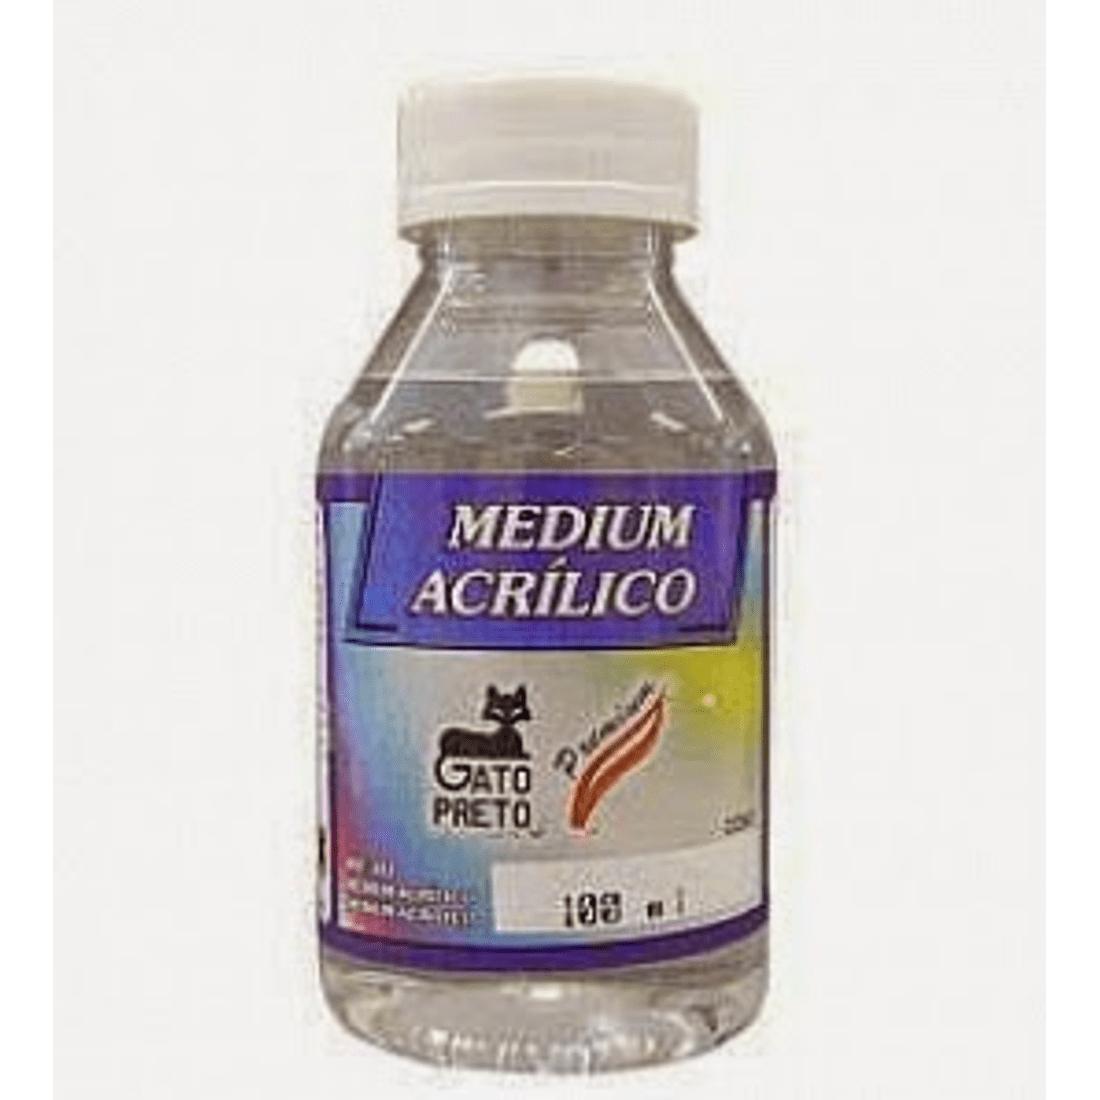 Medium-Acrilico-Gato-Preto-100ml